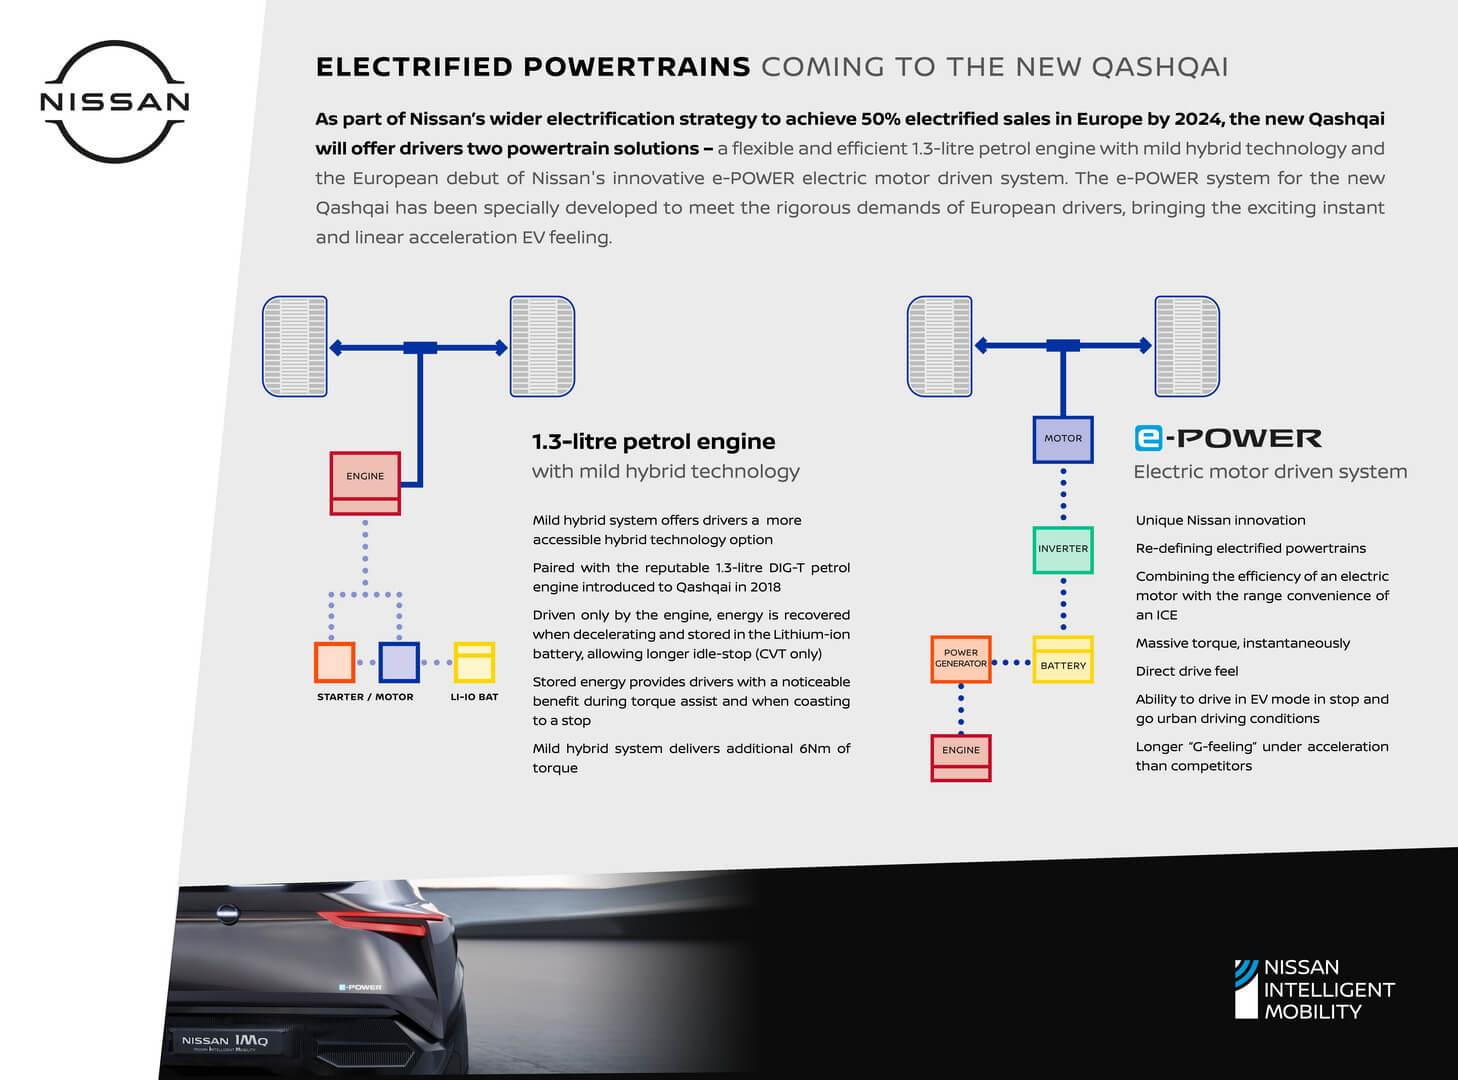 Электрифицированныы силовые агрегаты нового Nissan Qashqai